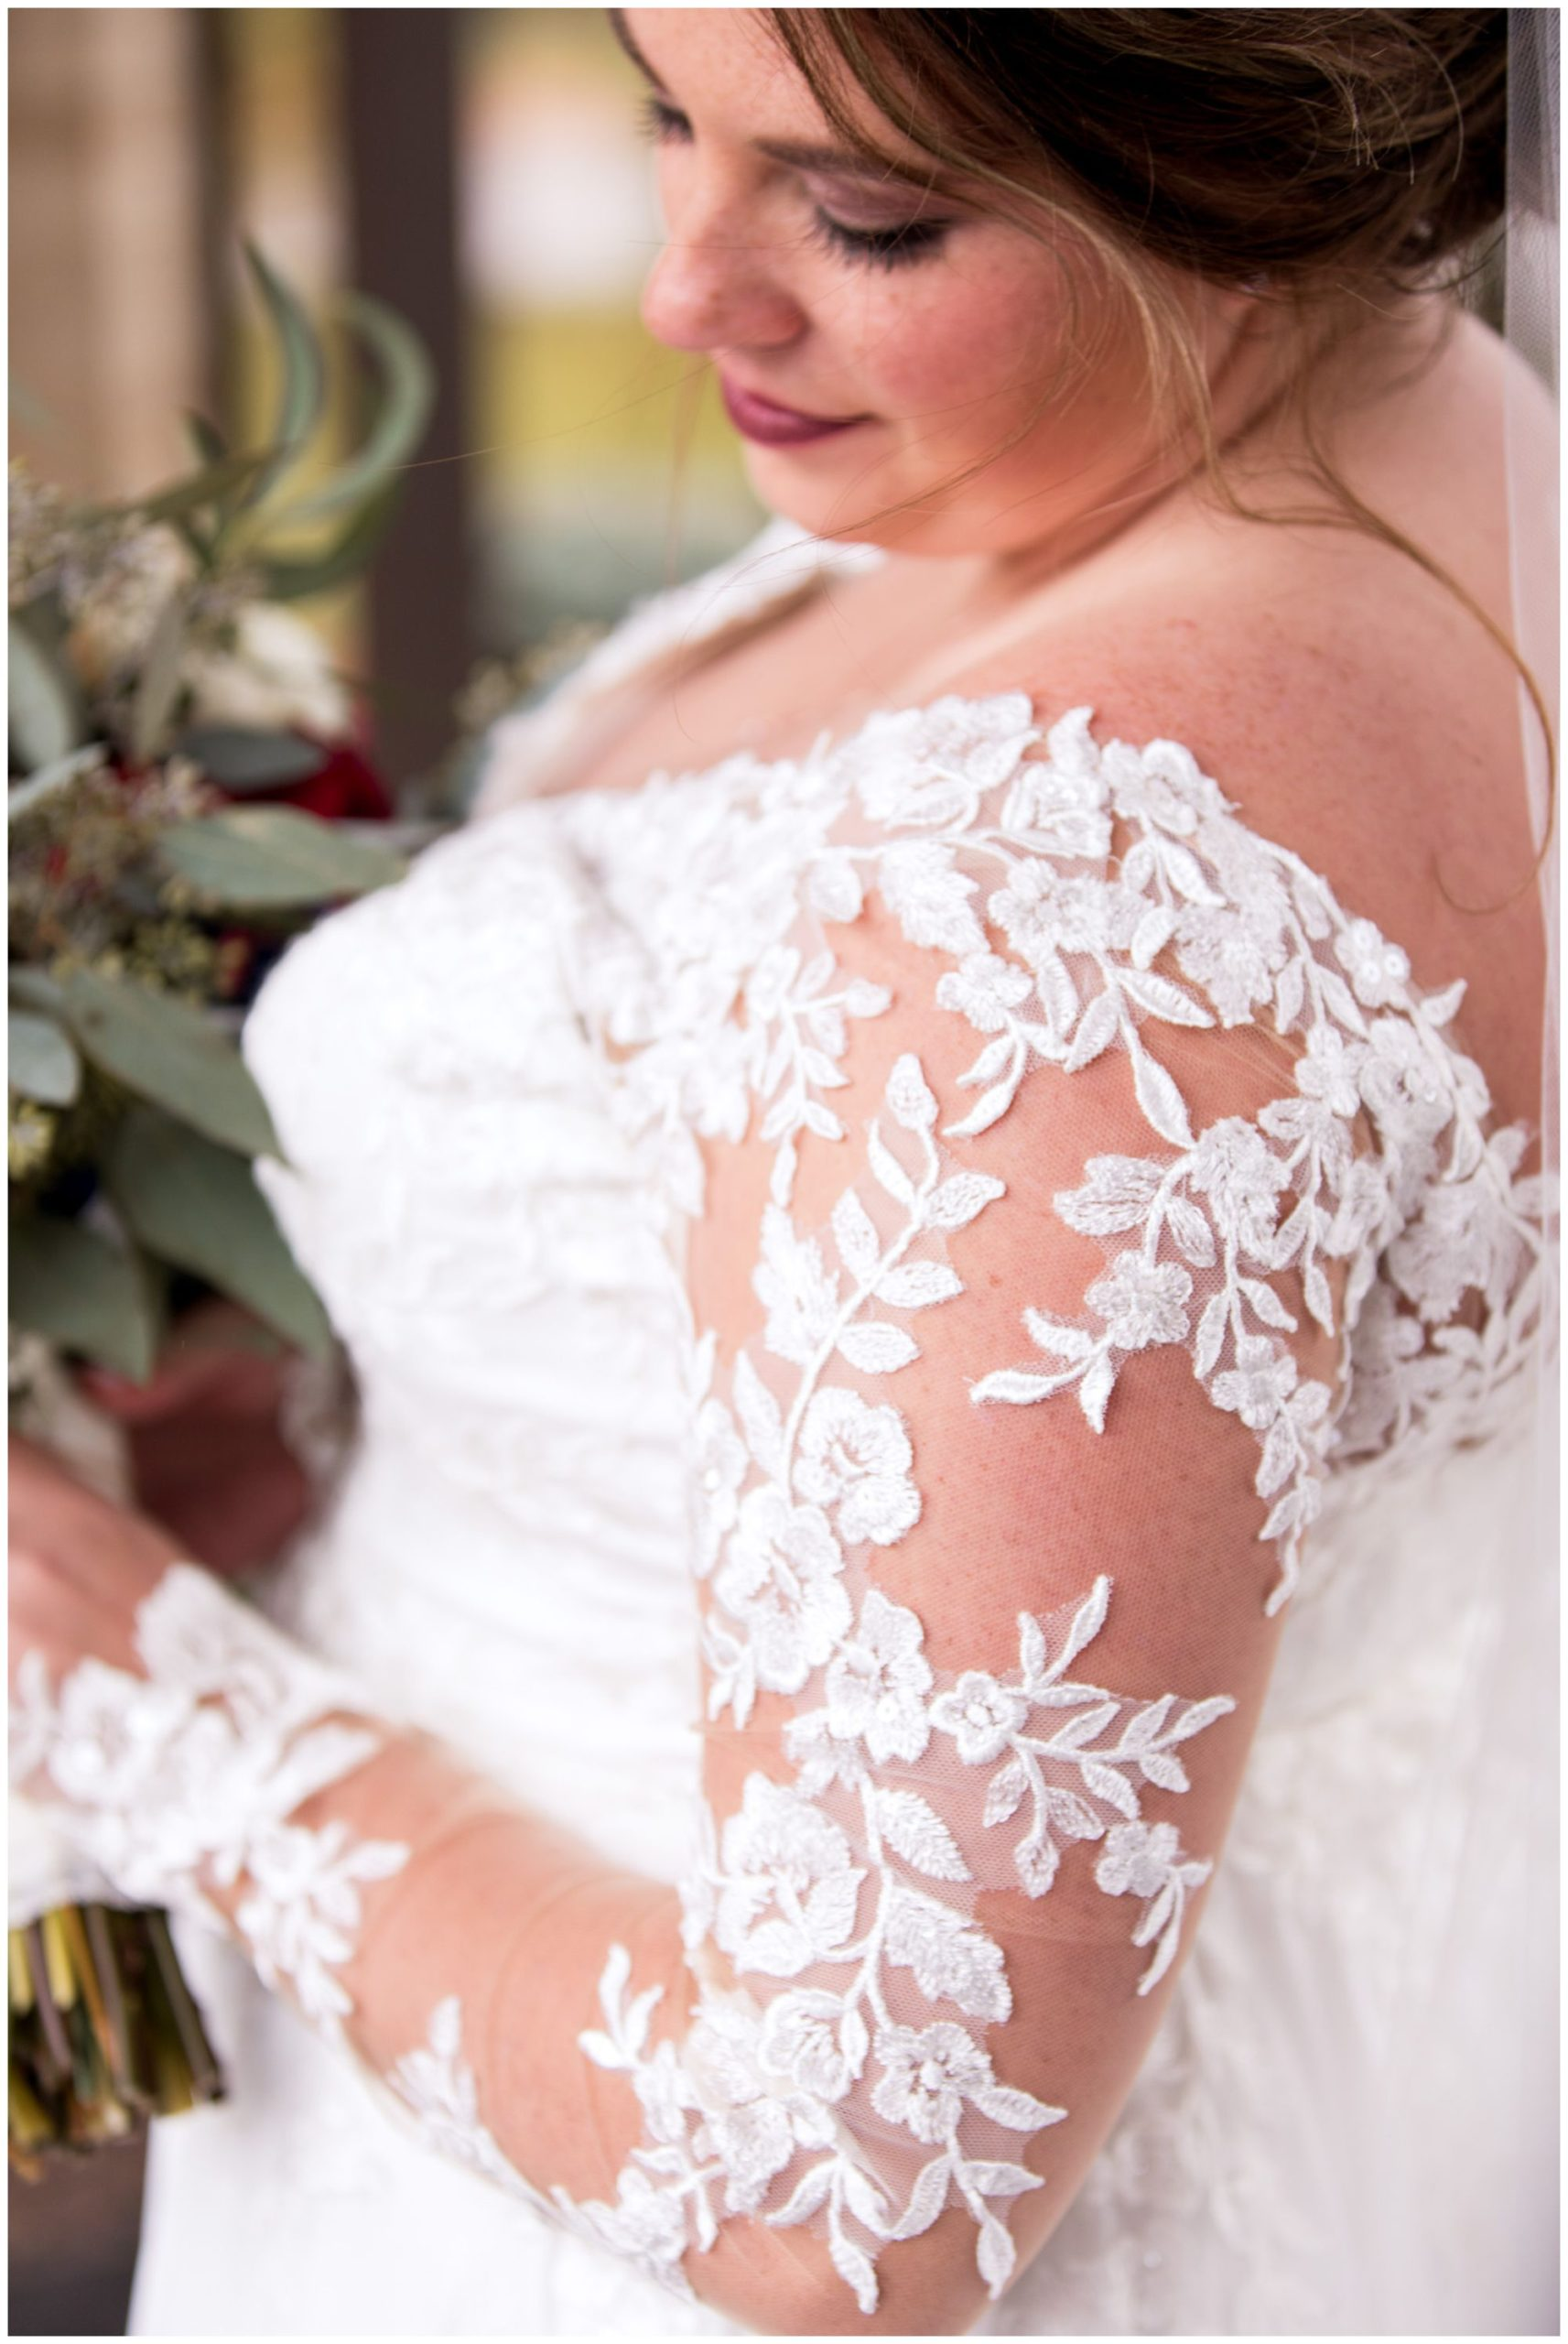 bride's dress details before Fort Wayne wedding ceremony